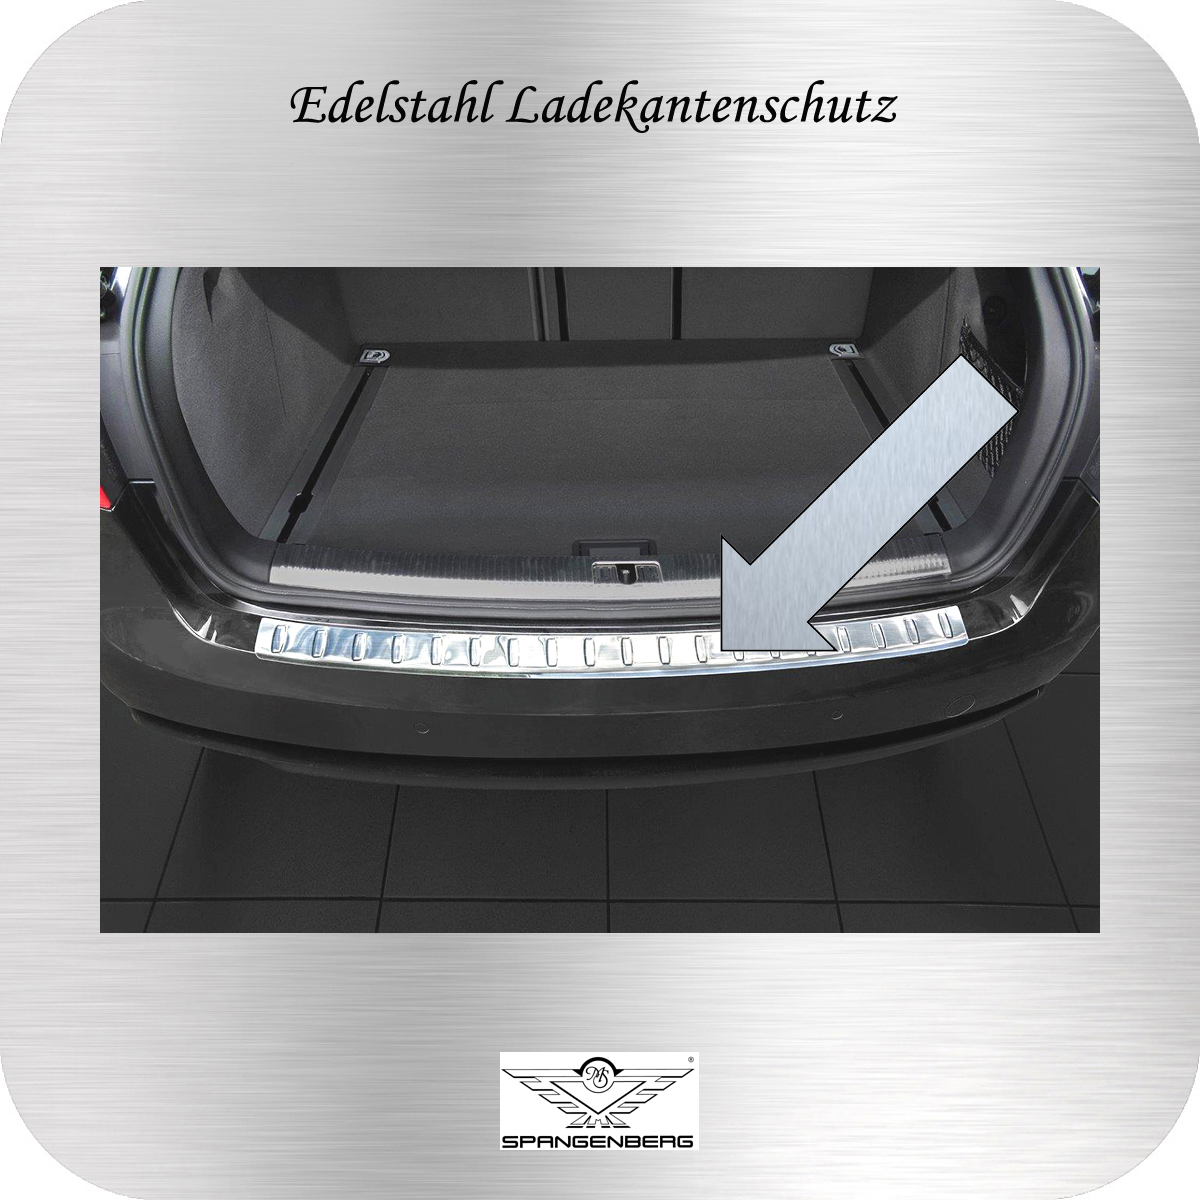 Ladekantenschutz Edelstahl Audi A4 Avant 8K5 B8 ab facelift 2012-15 3235732